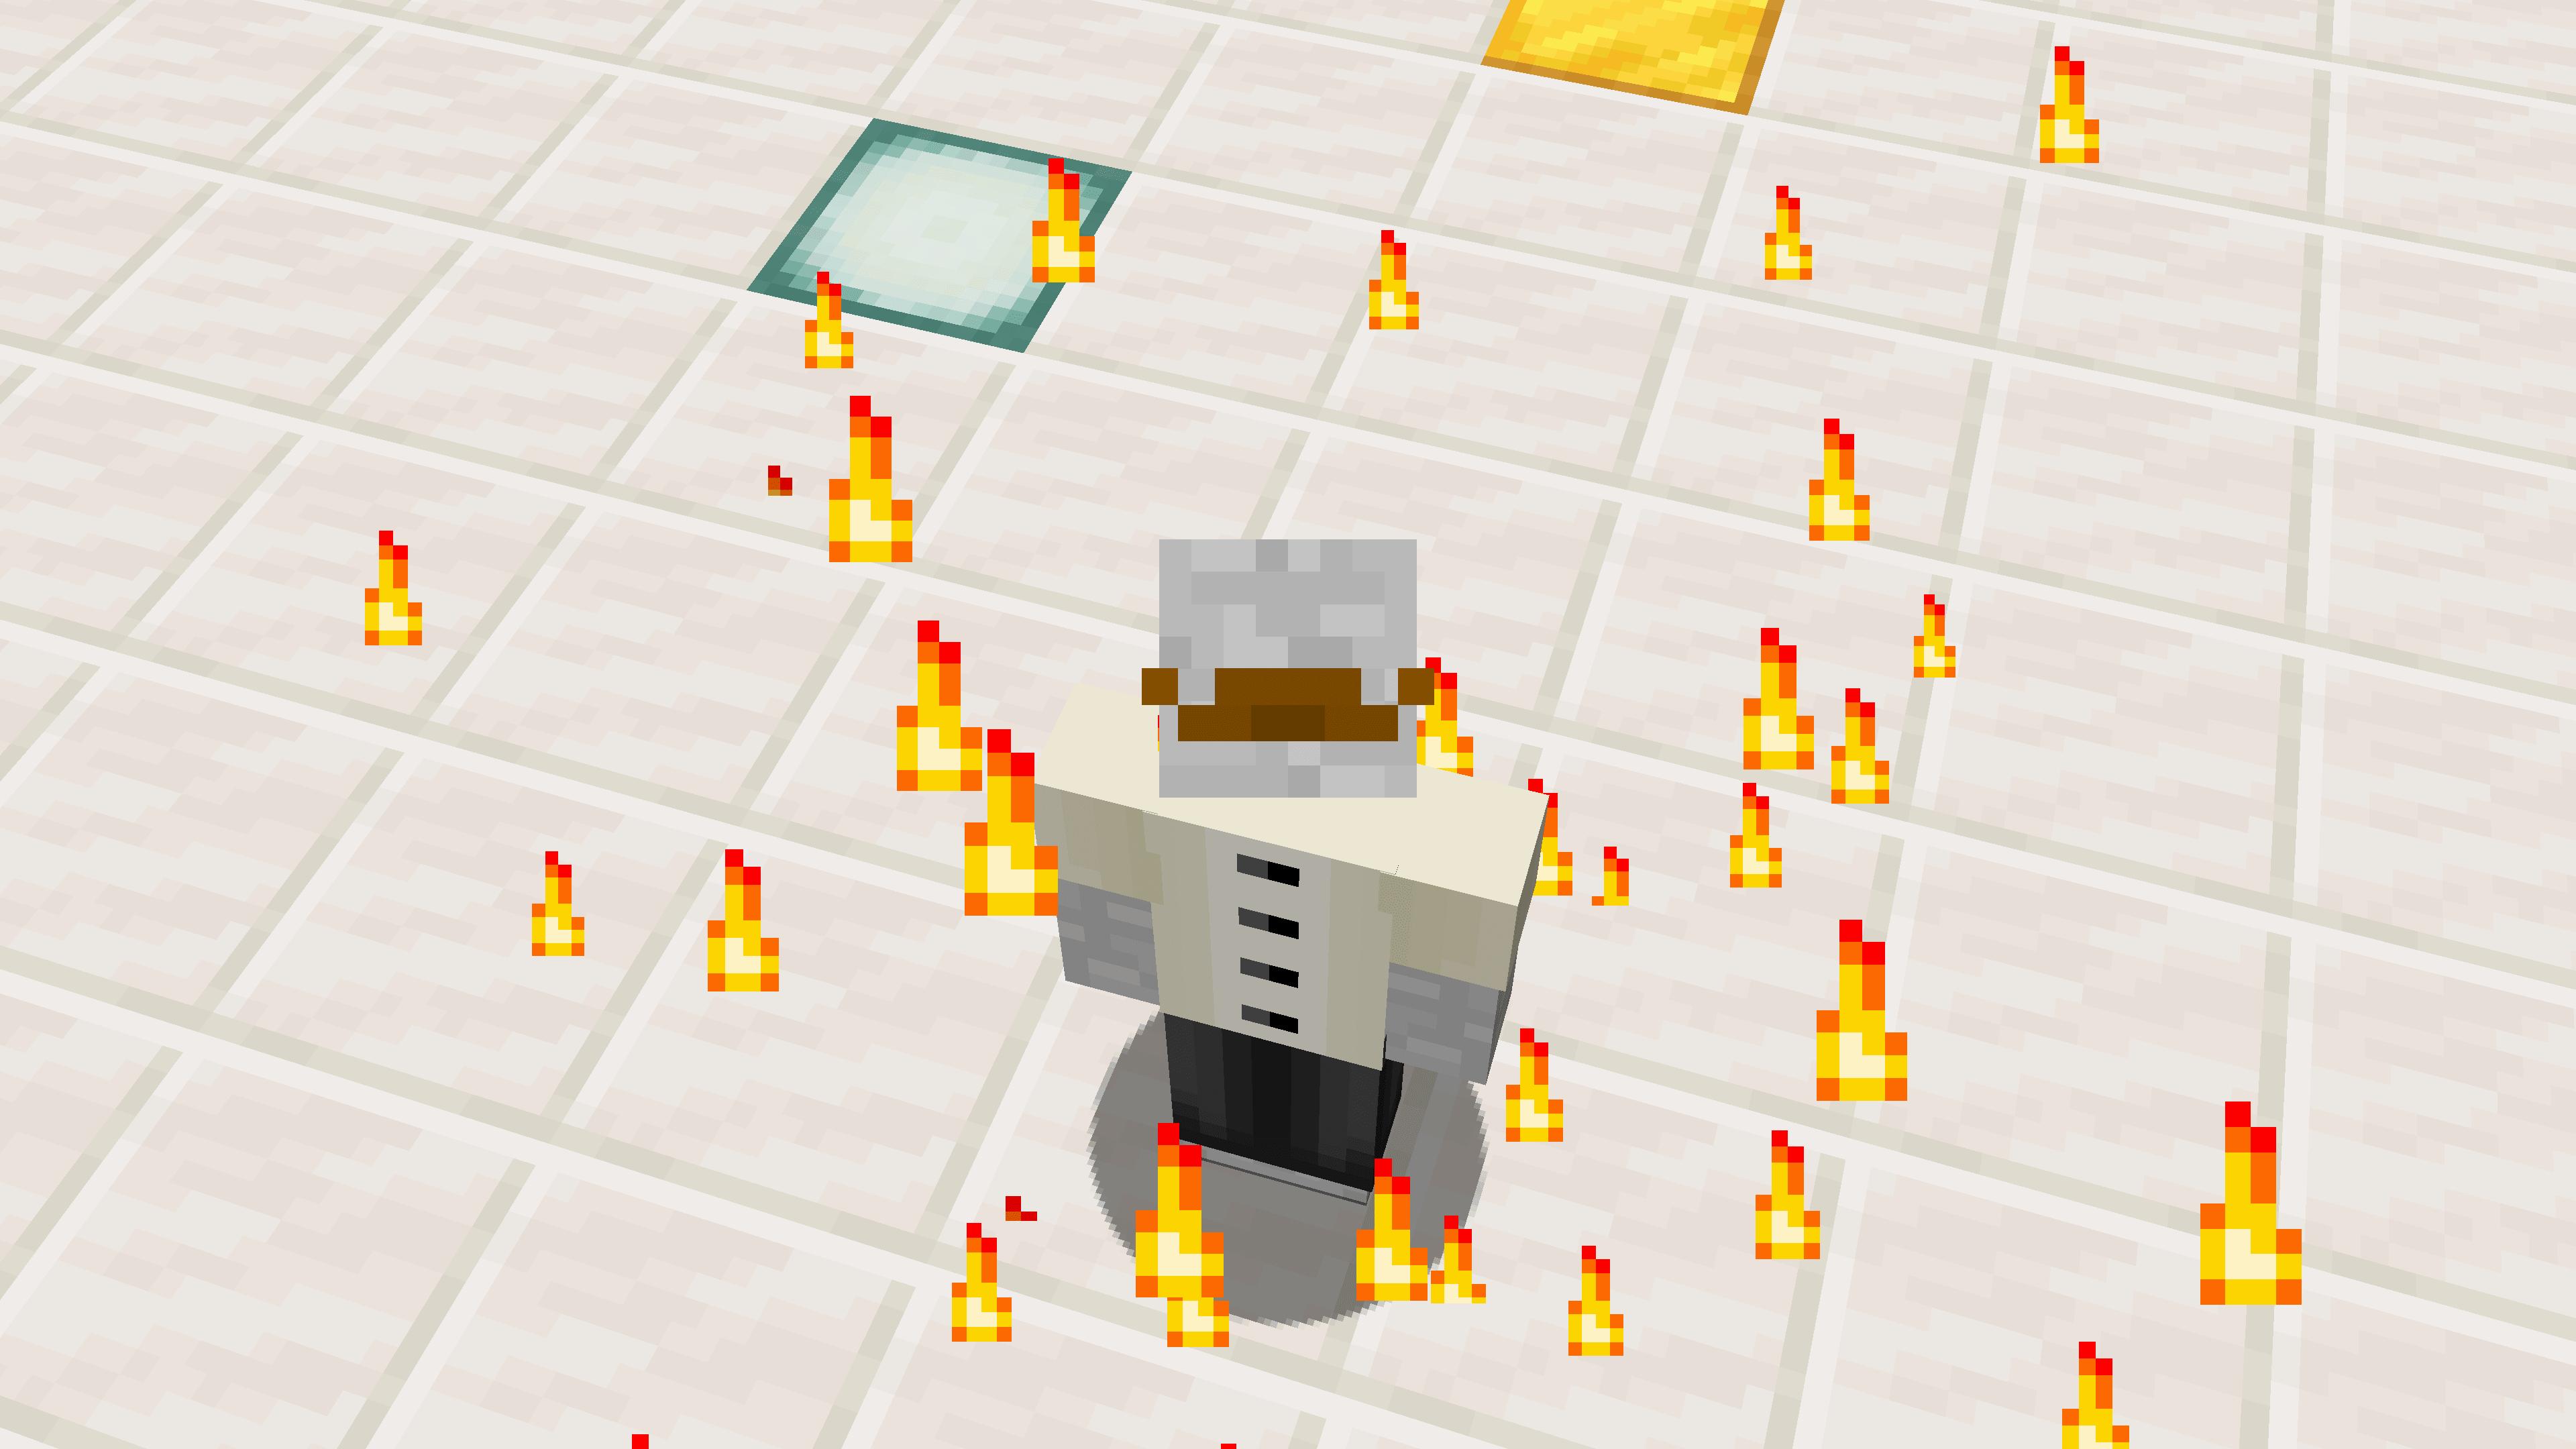 Ecco il tutorial per fare particelle che seguono il giocatore su Minecraft. Cominciamo.